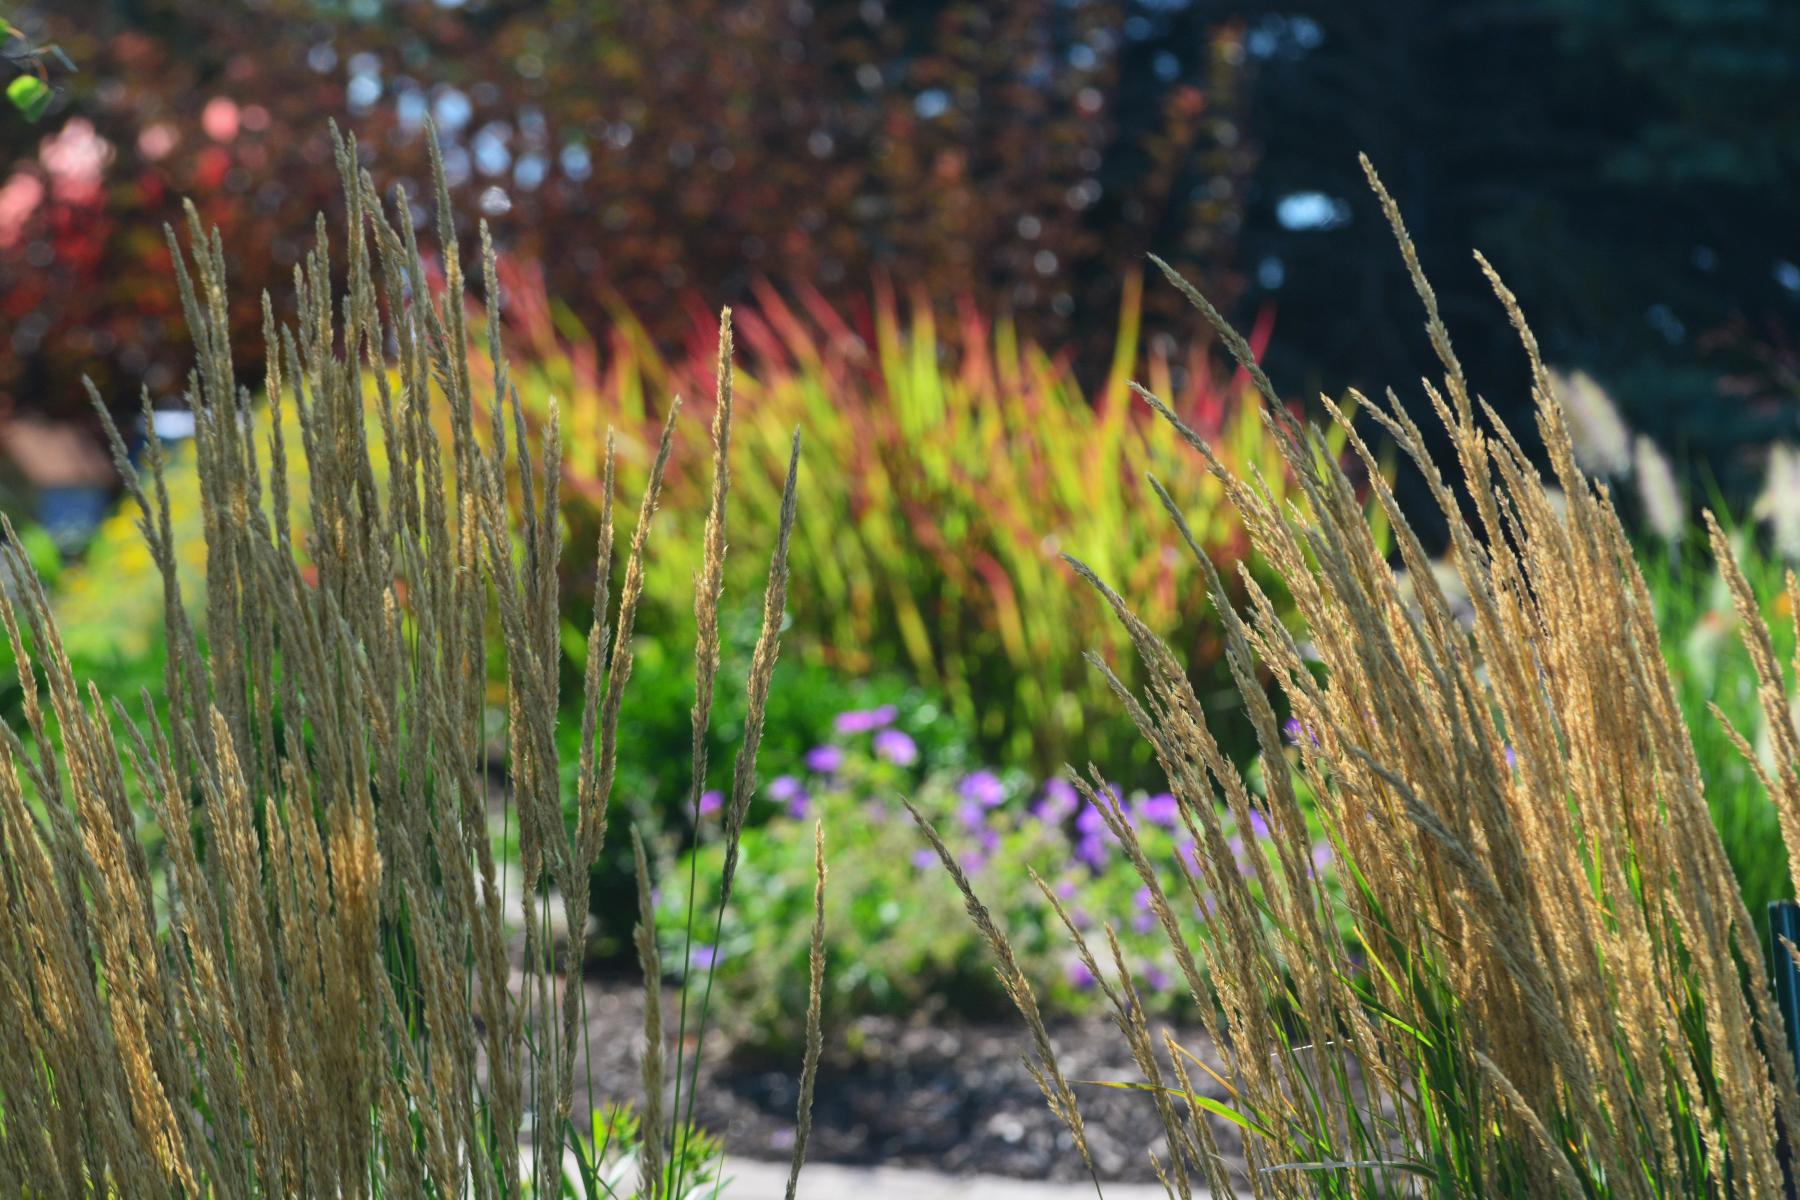 Grass-on-grass